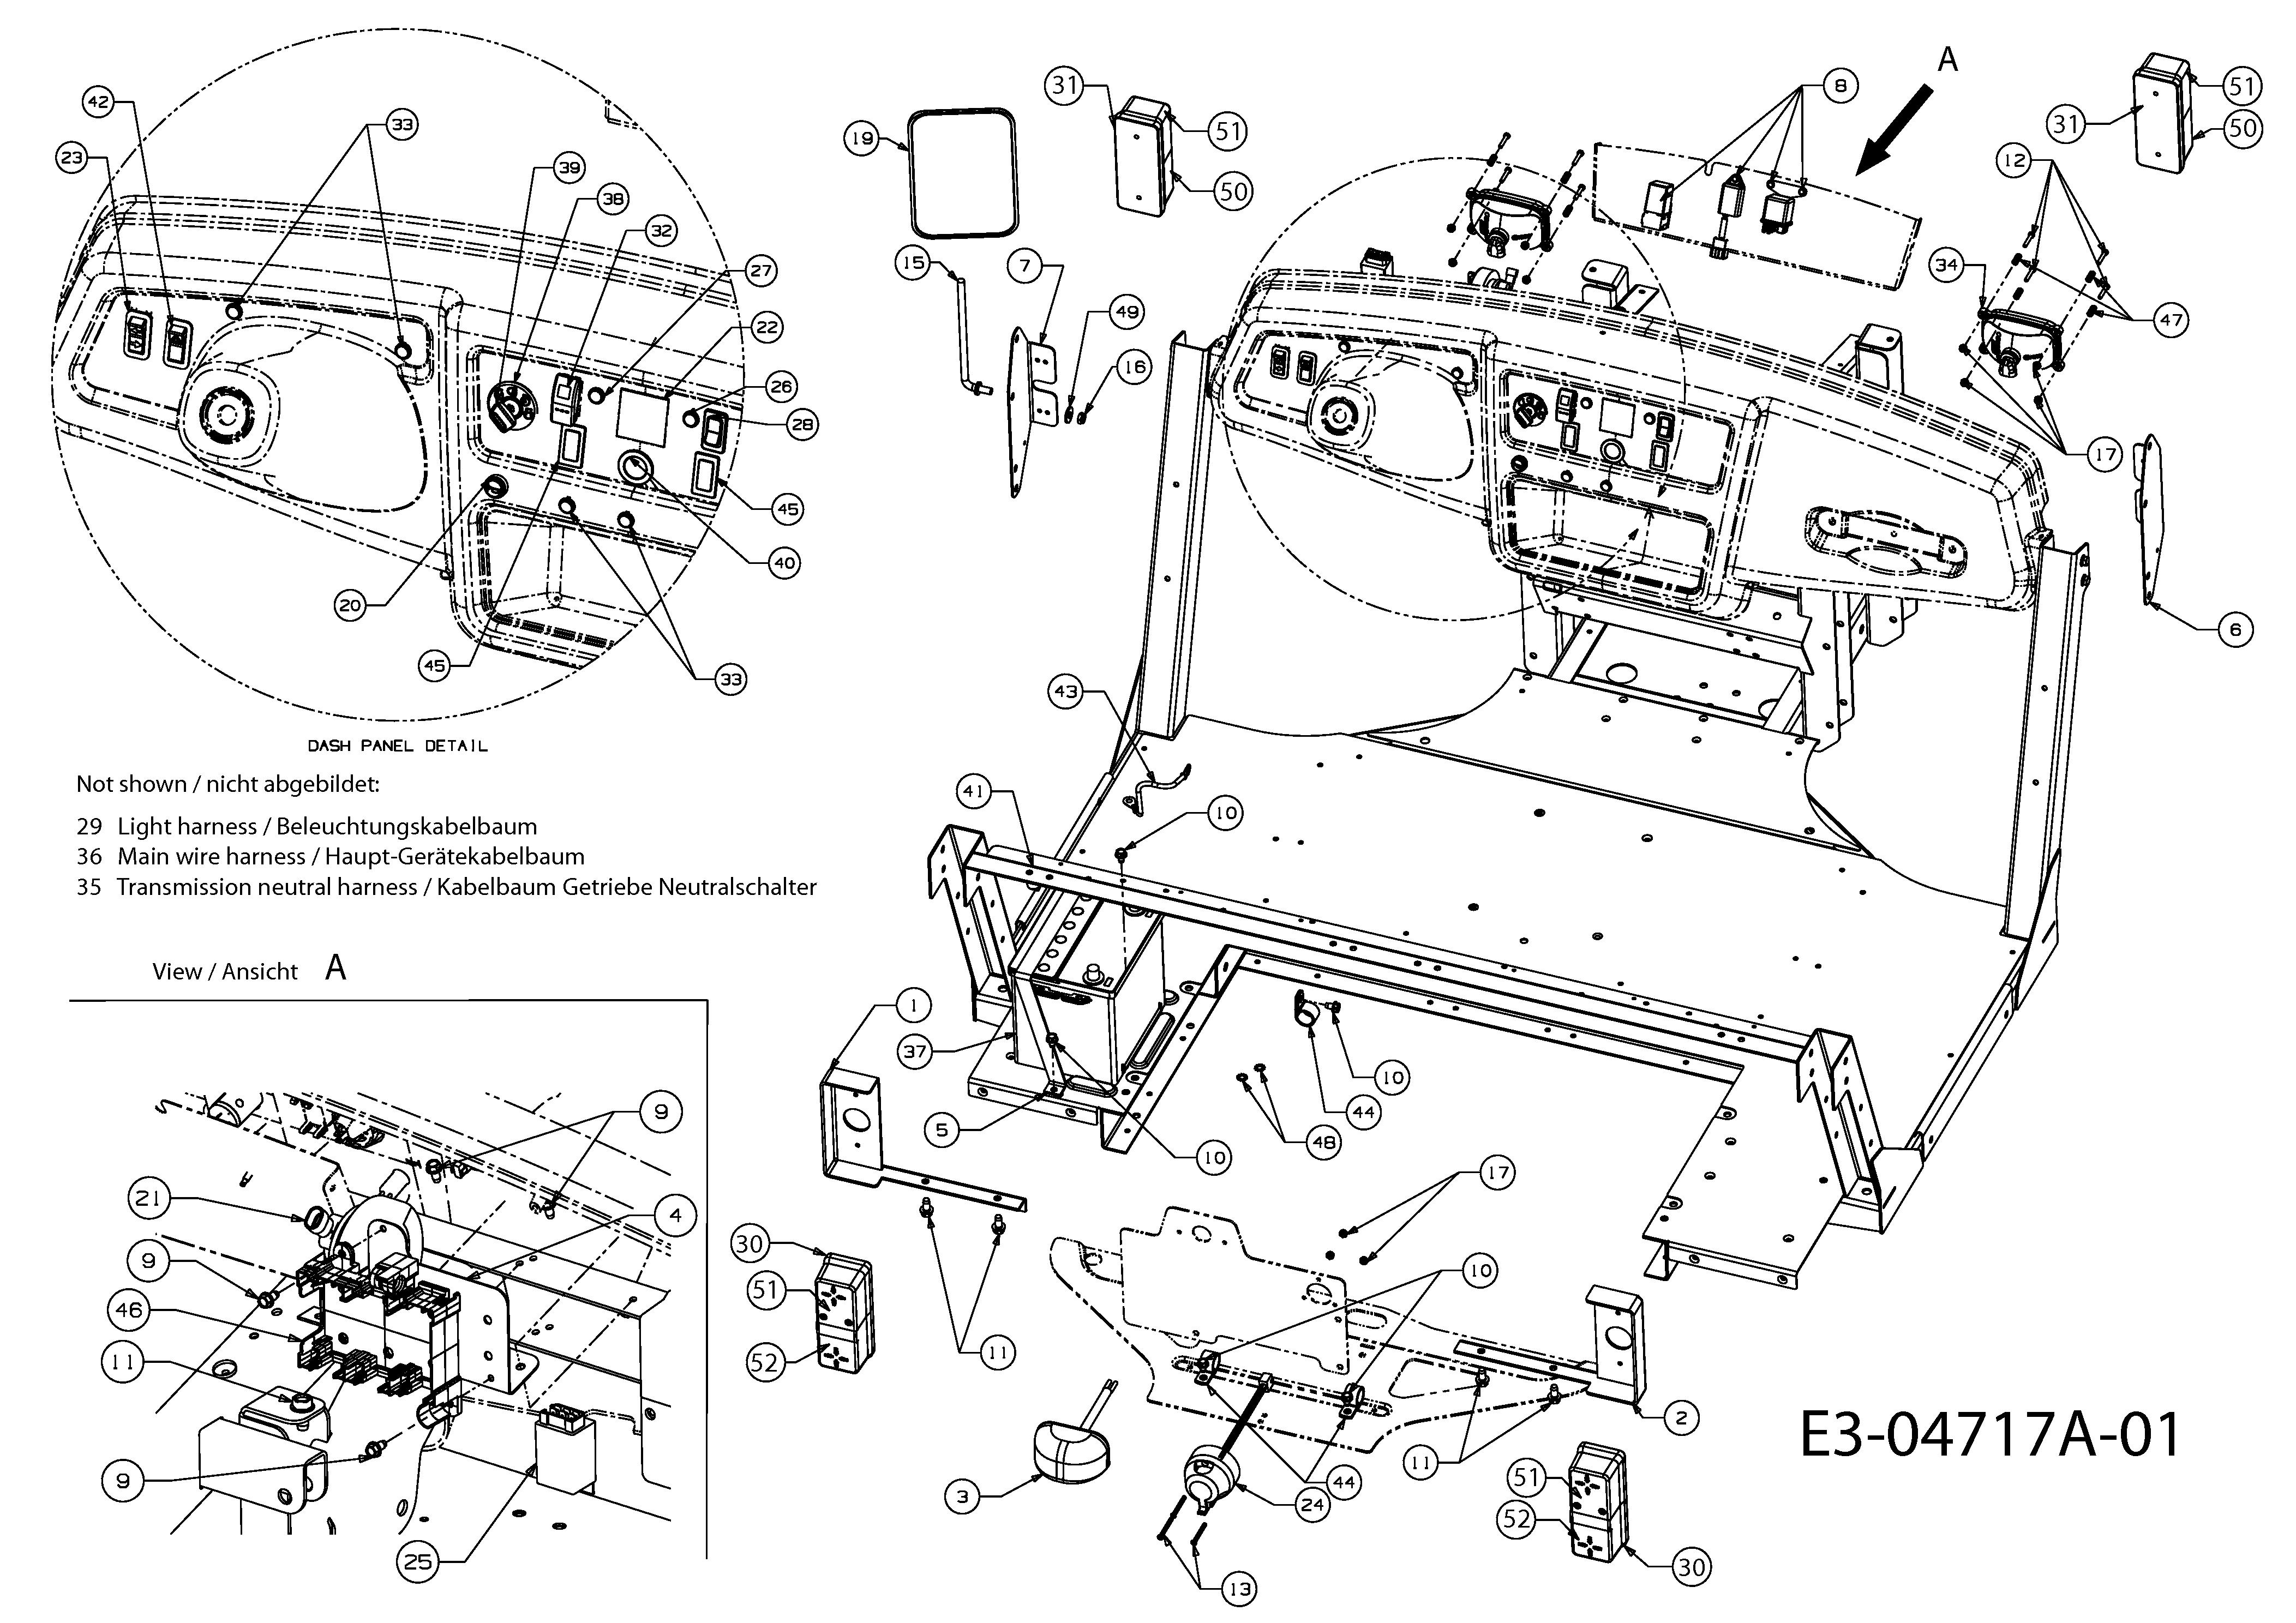 Großzügig Nissan Sentra Kabelbaum Diagramm Bilder - Elektrische ...